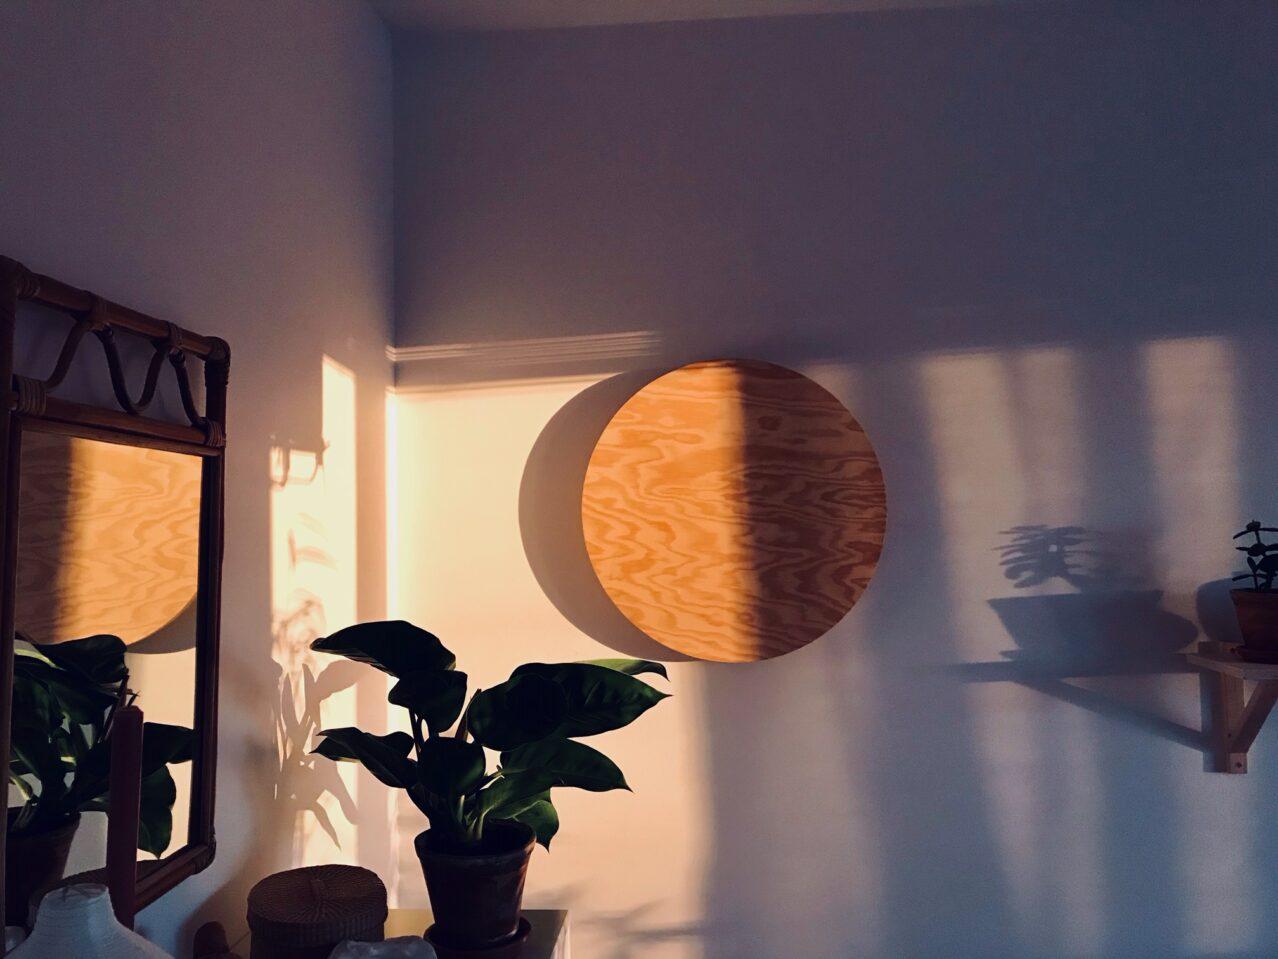 Ljusinsläpp, minimalism och en blodröd rönn